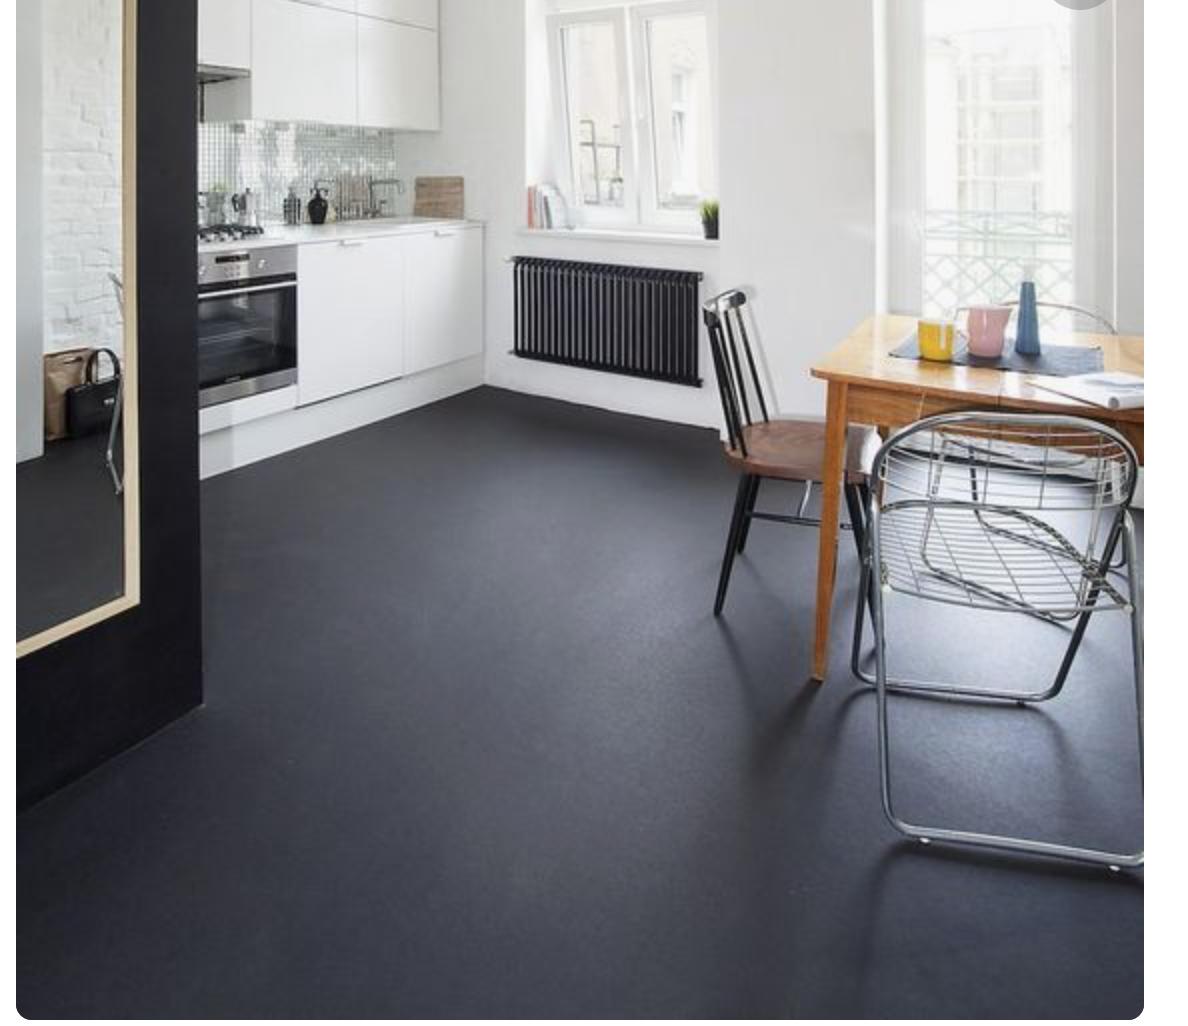 black painted concrete floors   Painted concrete floors, Concrete ...